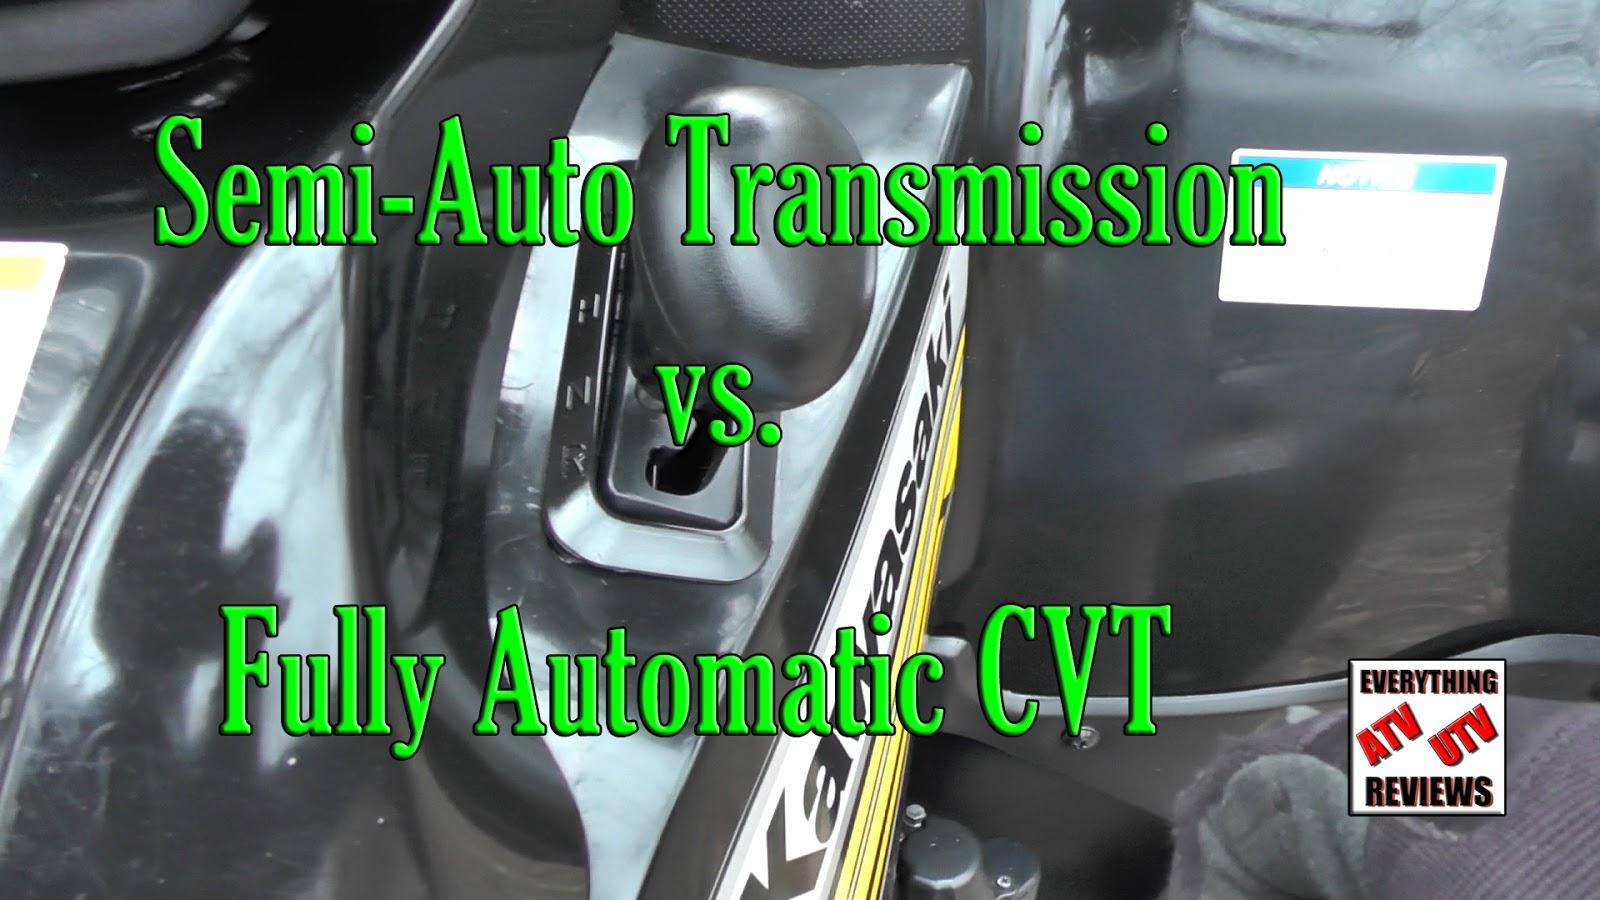 EVERYTHING ATV UTV REVIEWS: Semi-auto versus Fully Automatic